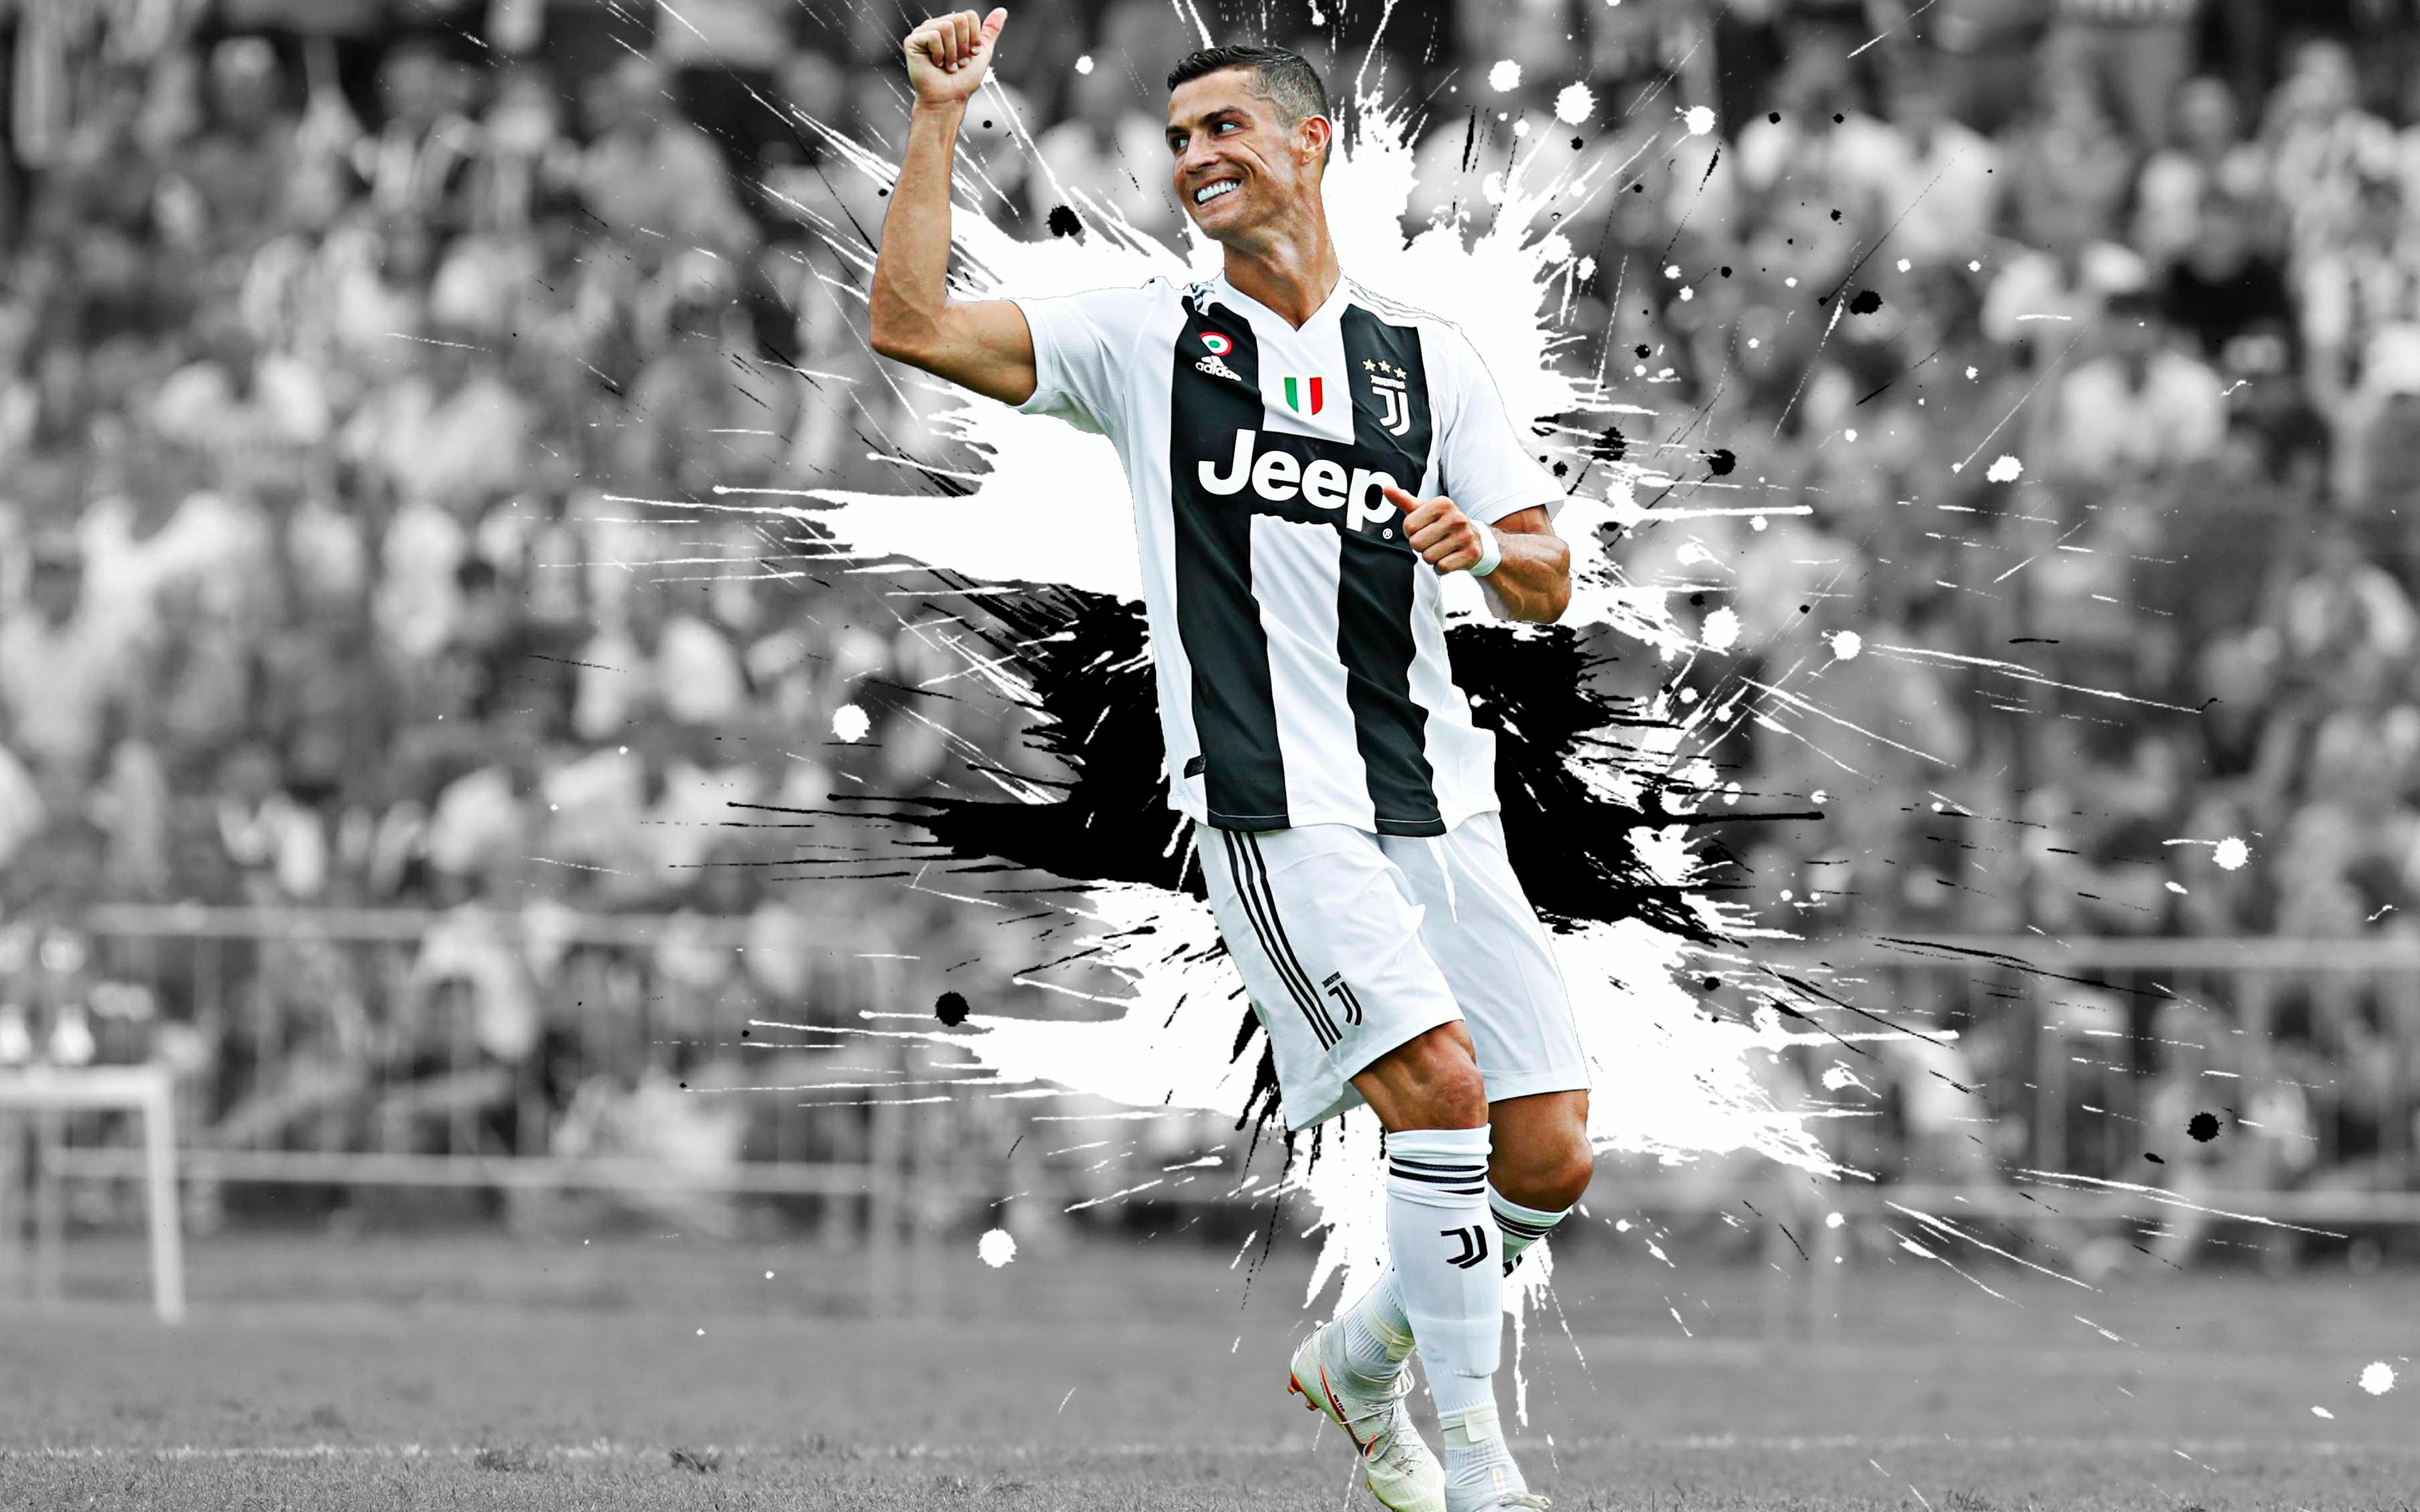 Cristiano Ronaldo Dos Santos Aveiro 4k Ultra Hd Wallpaper